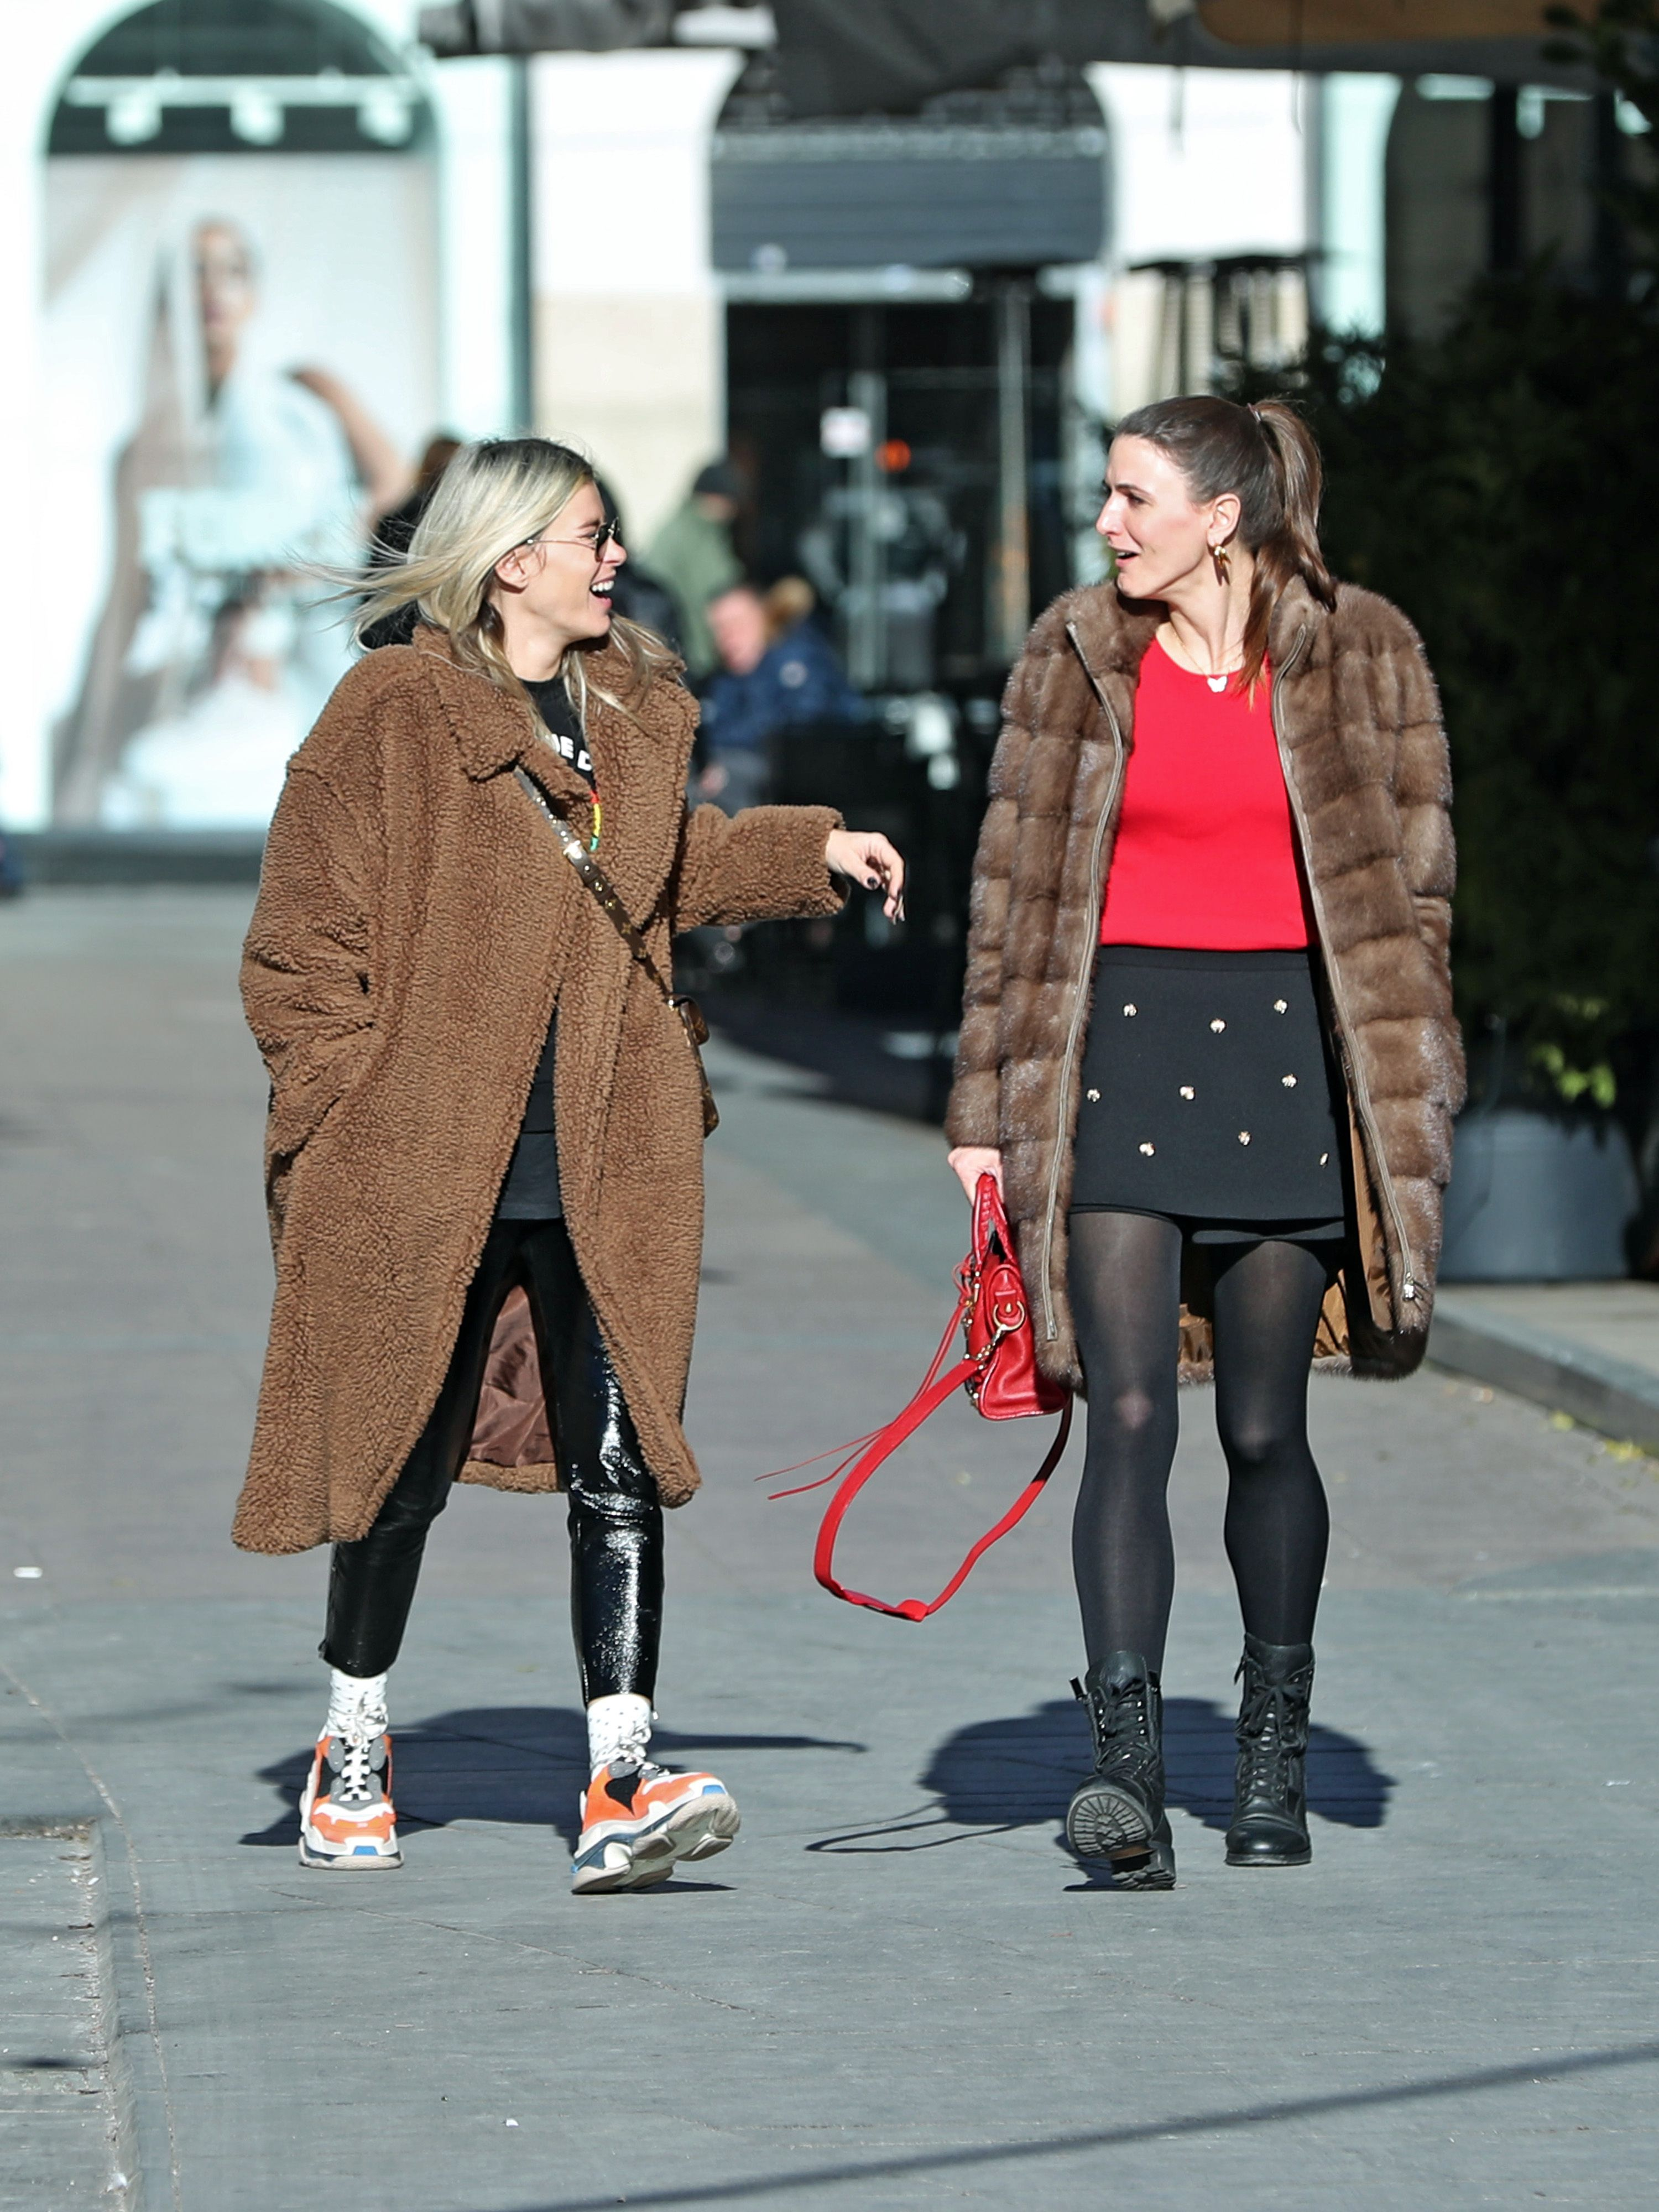 Baš su wow: Ove dvije frendice bile bi street style zvijezde i u europskim modnim metropolama!